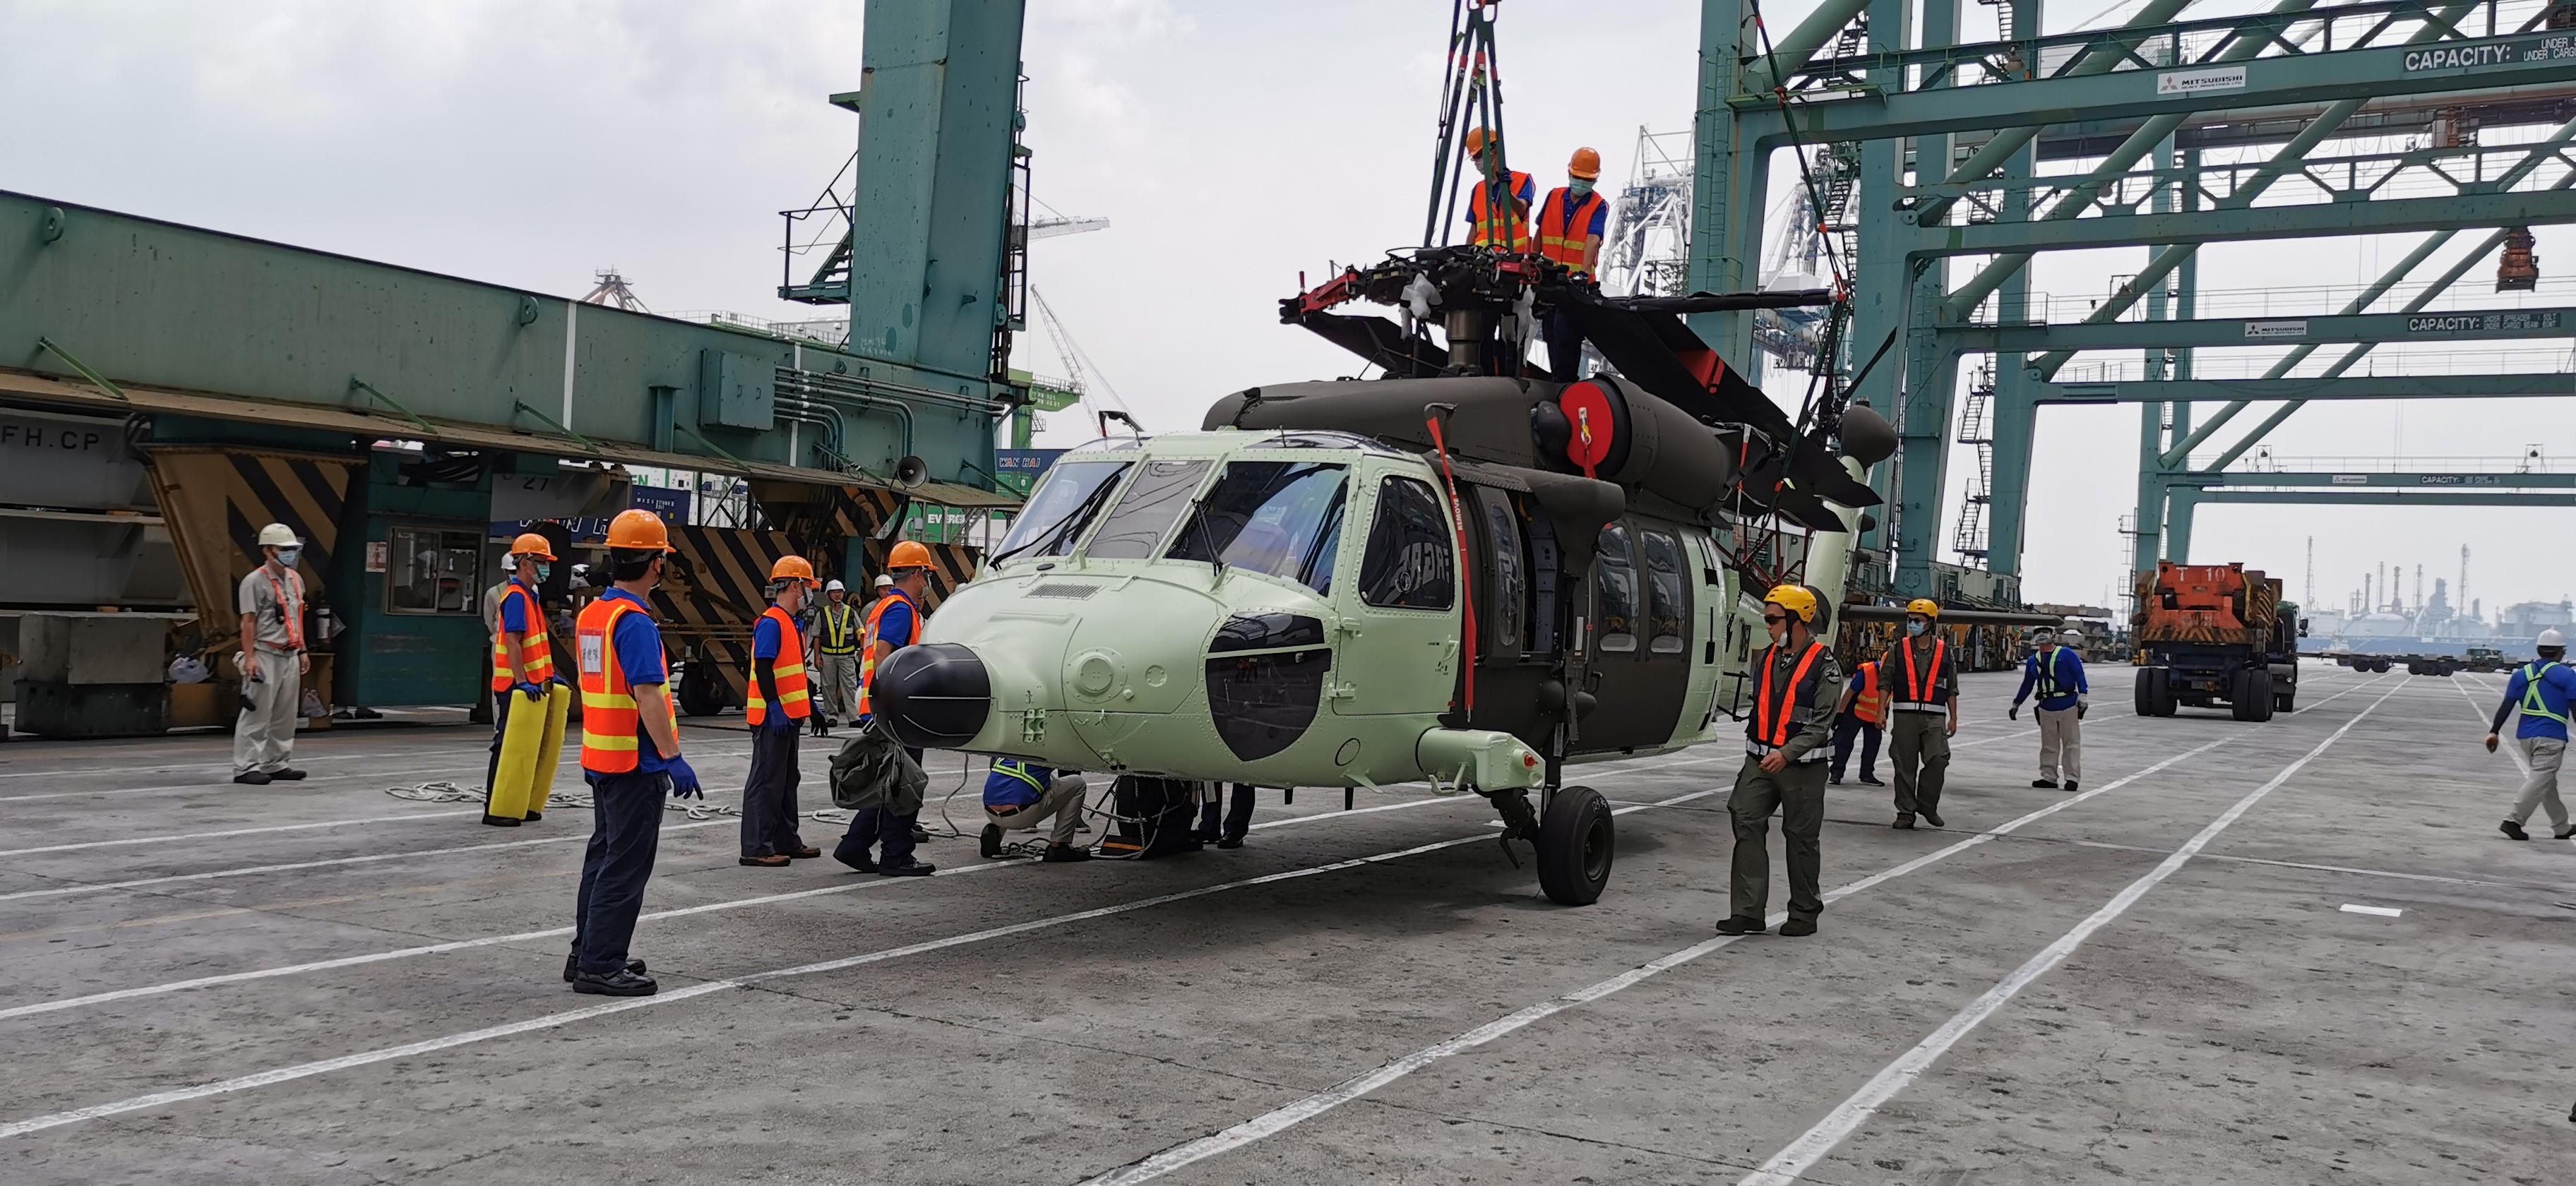 黑鷹直升機拖機準備作業.jpg